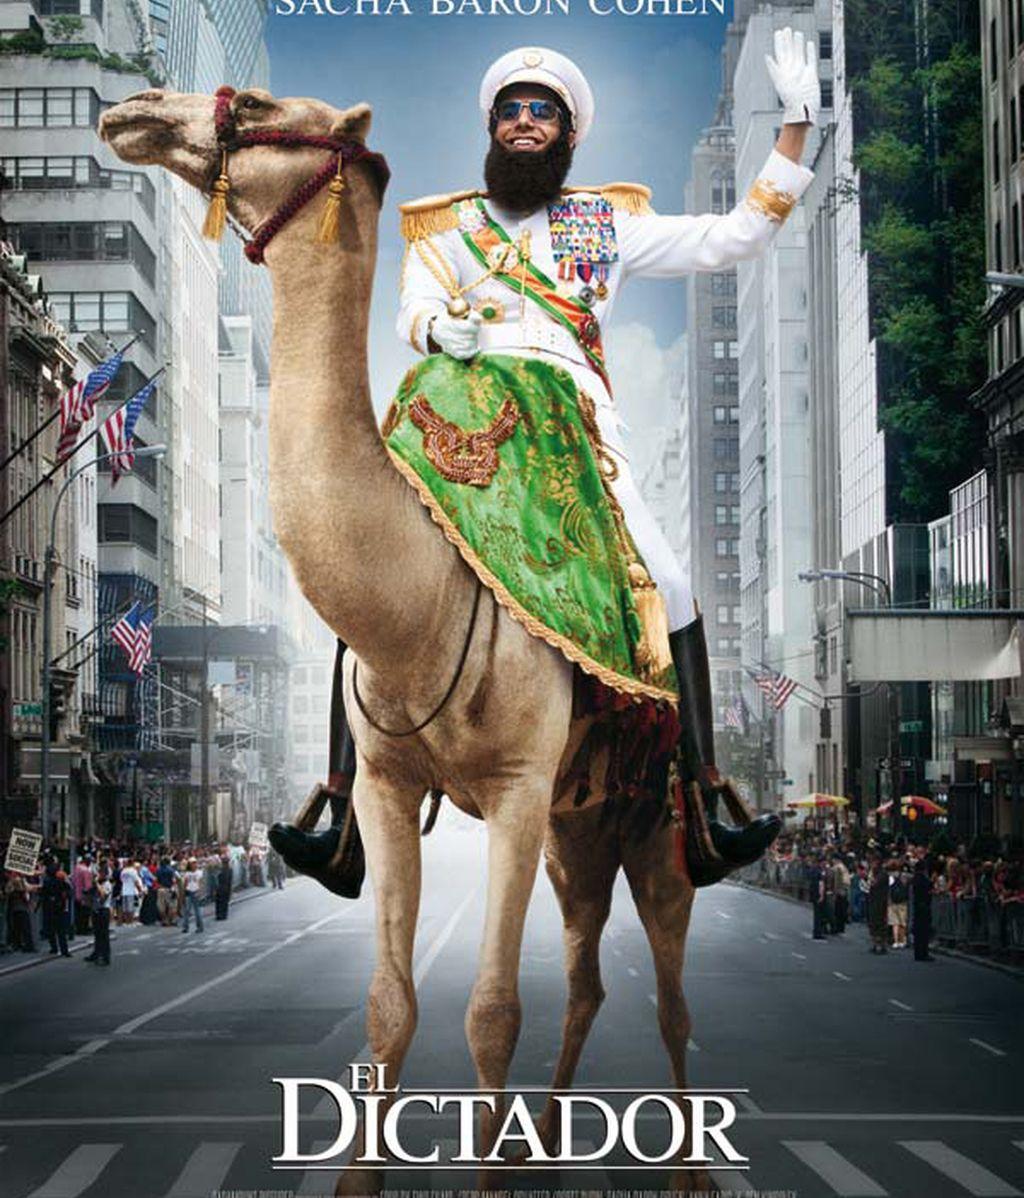 'El dictador' en 'El Blockbuster' de Cuatro